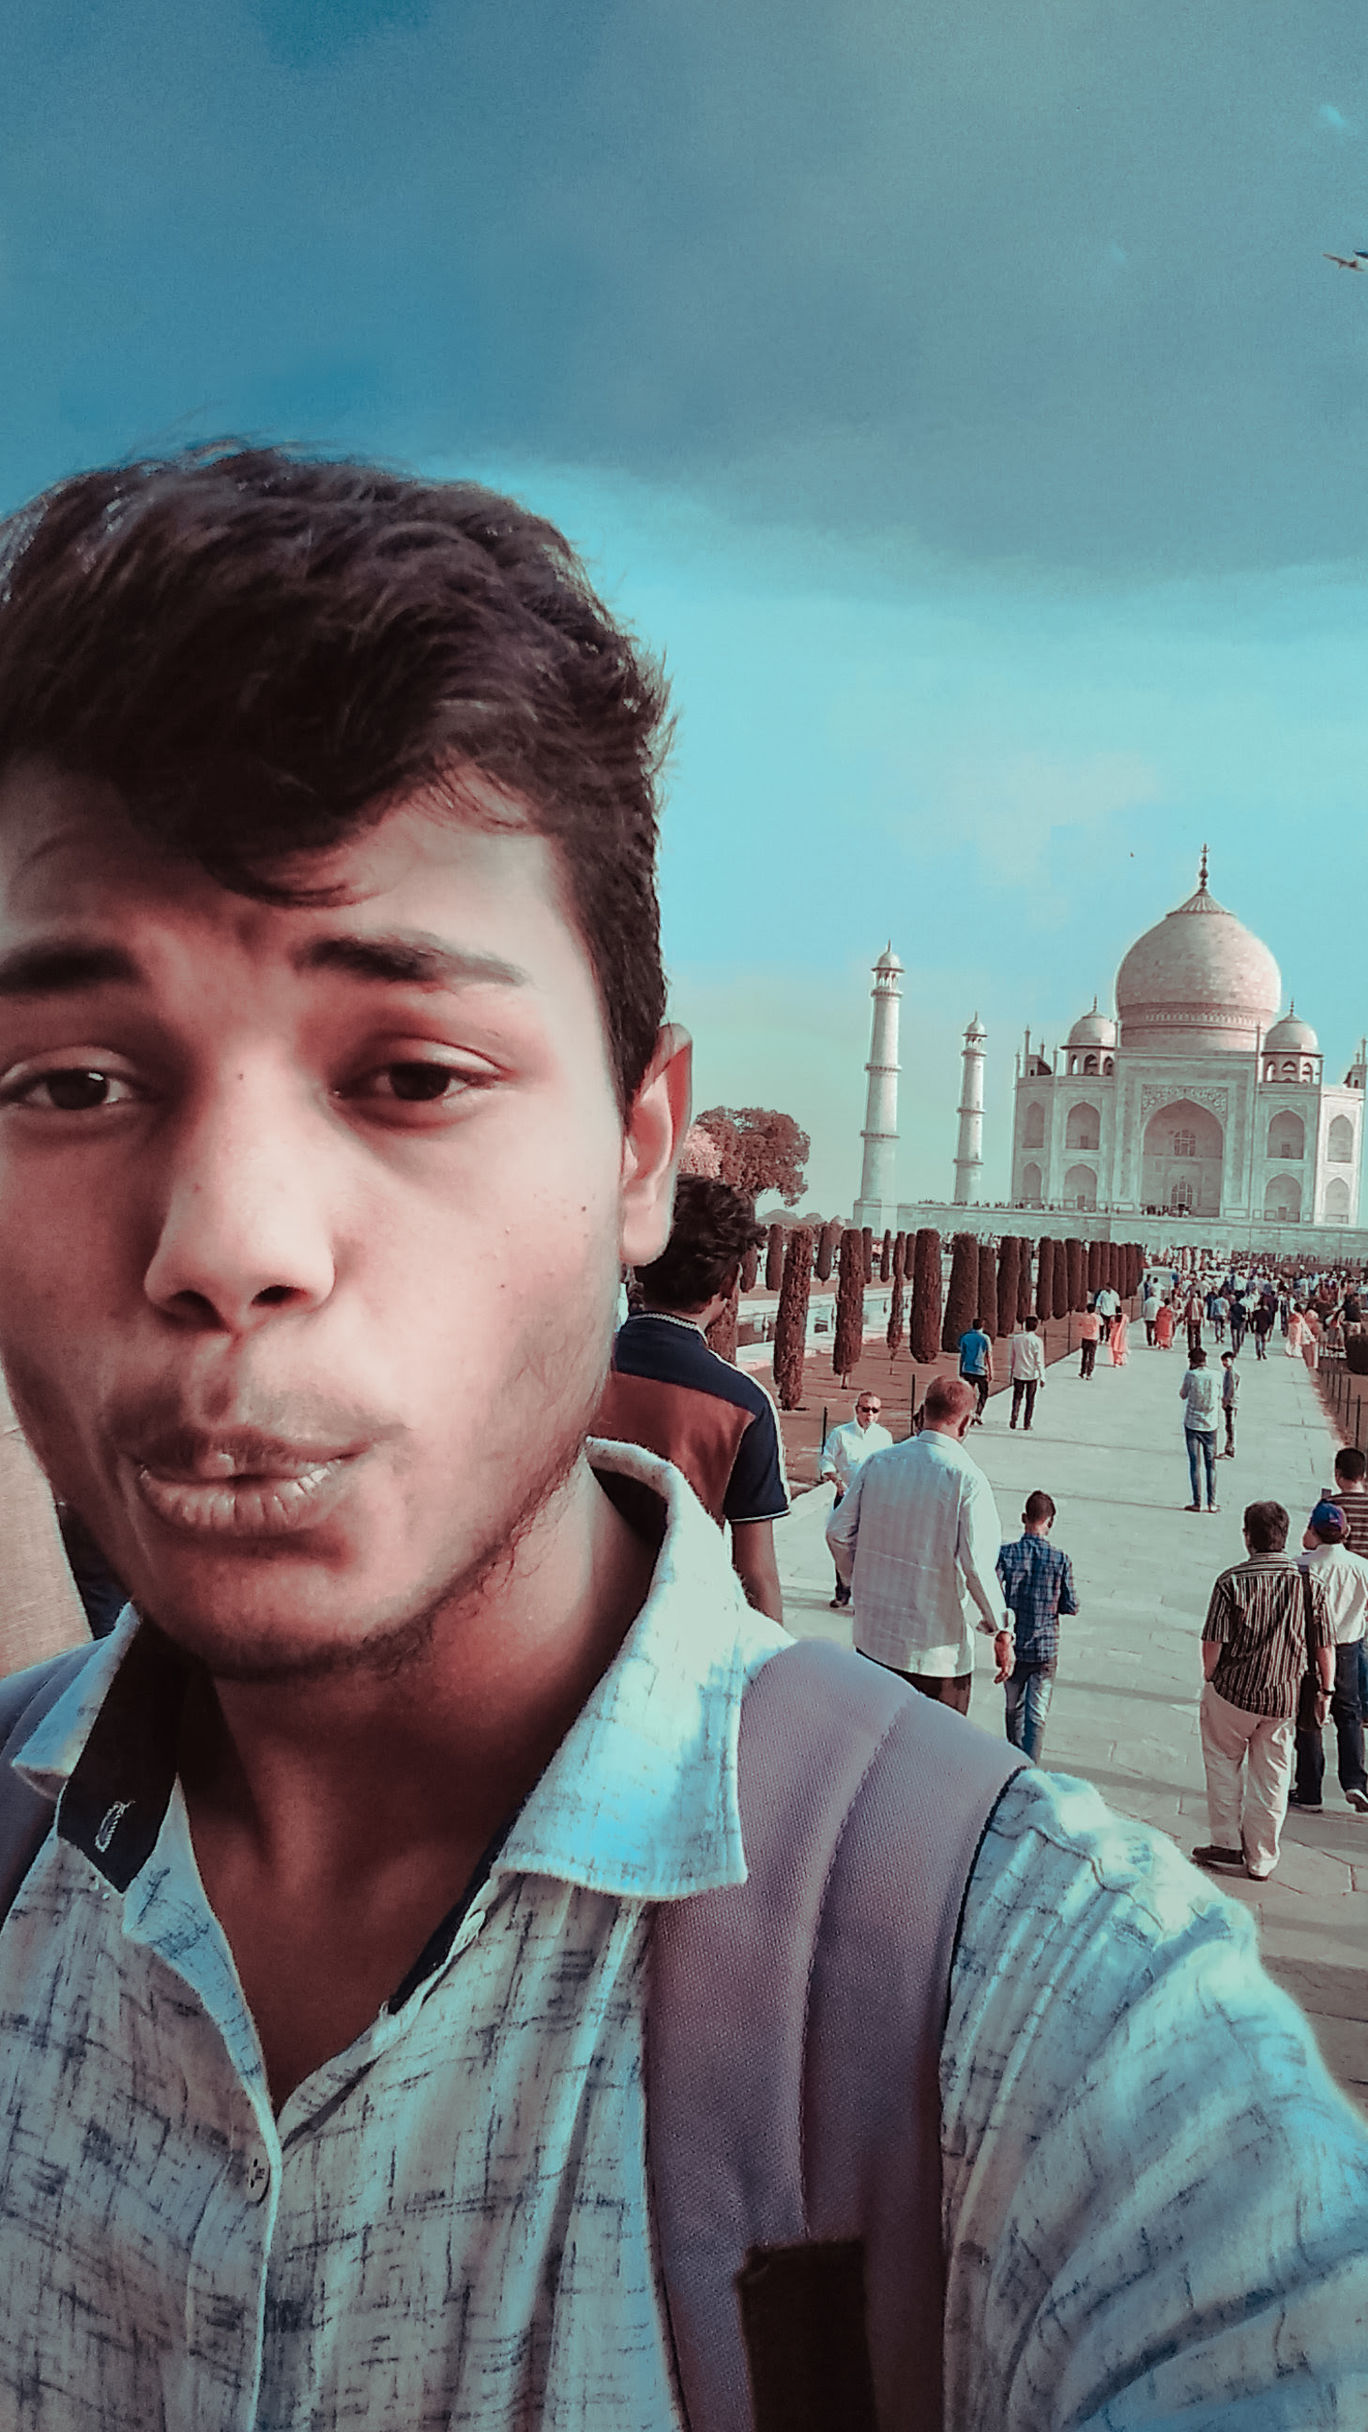 Photo of Taj Mahal By Prashant Gautam